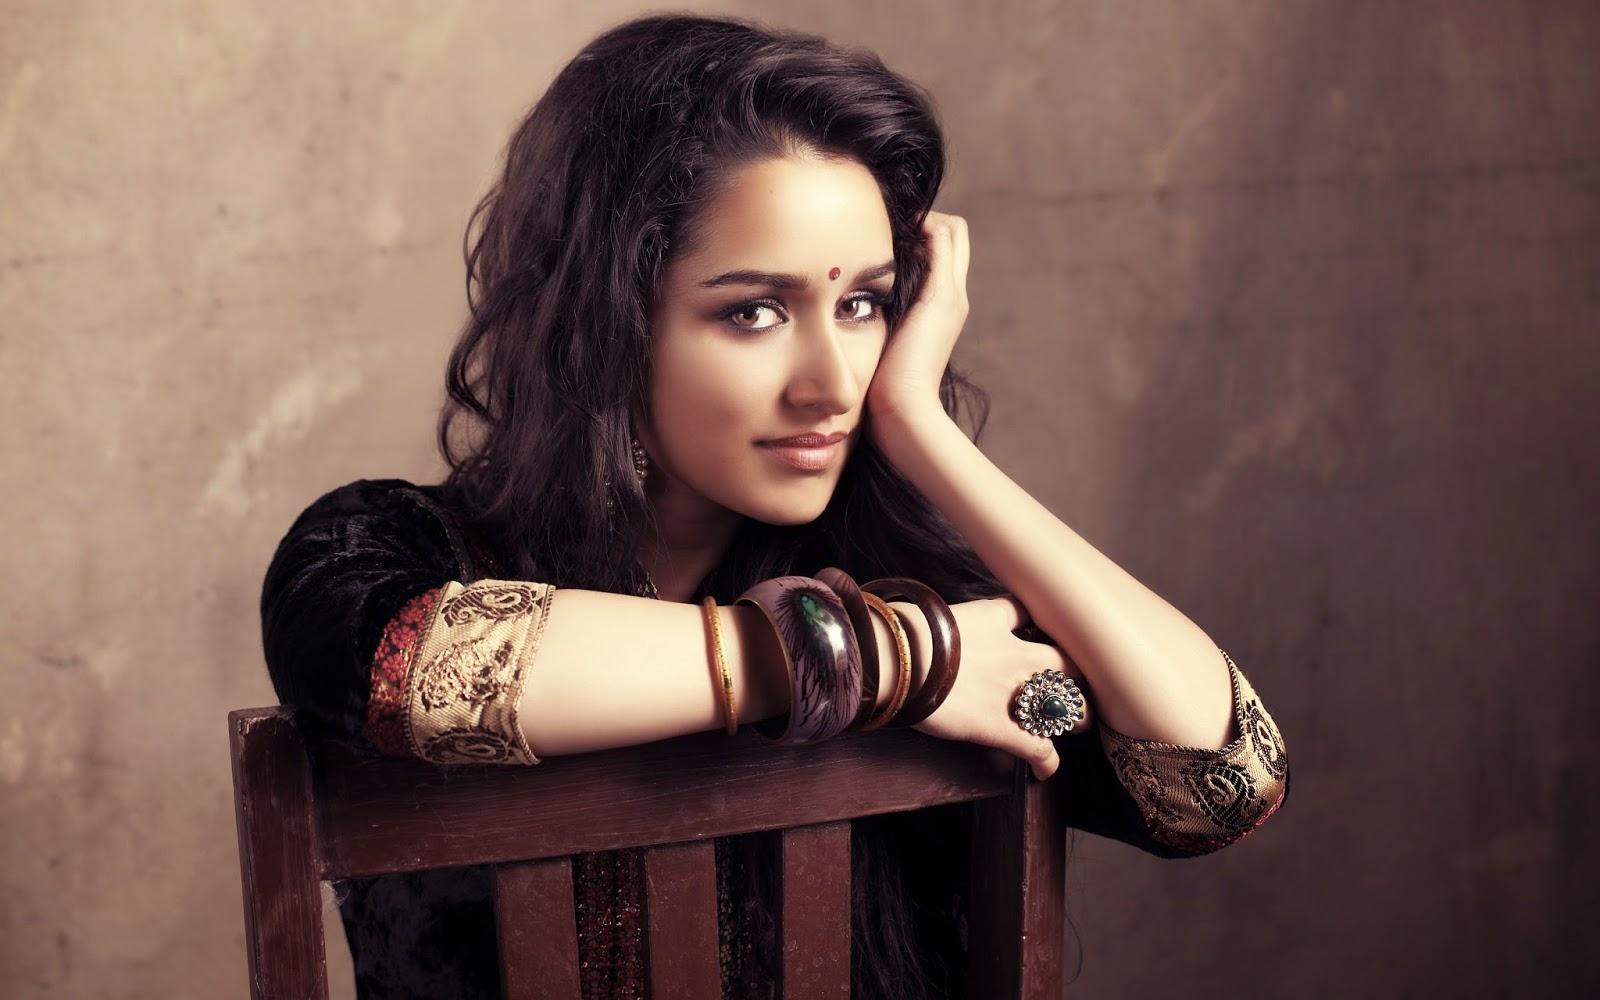 shraddha kapoor hot and sexy hd pics